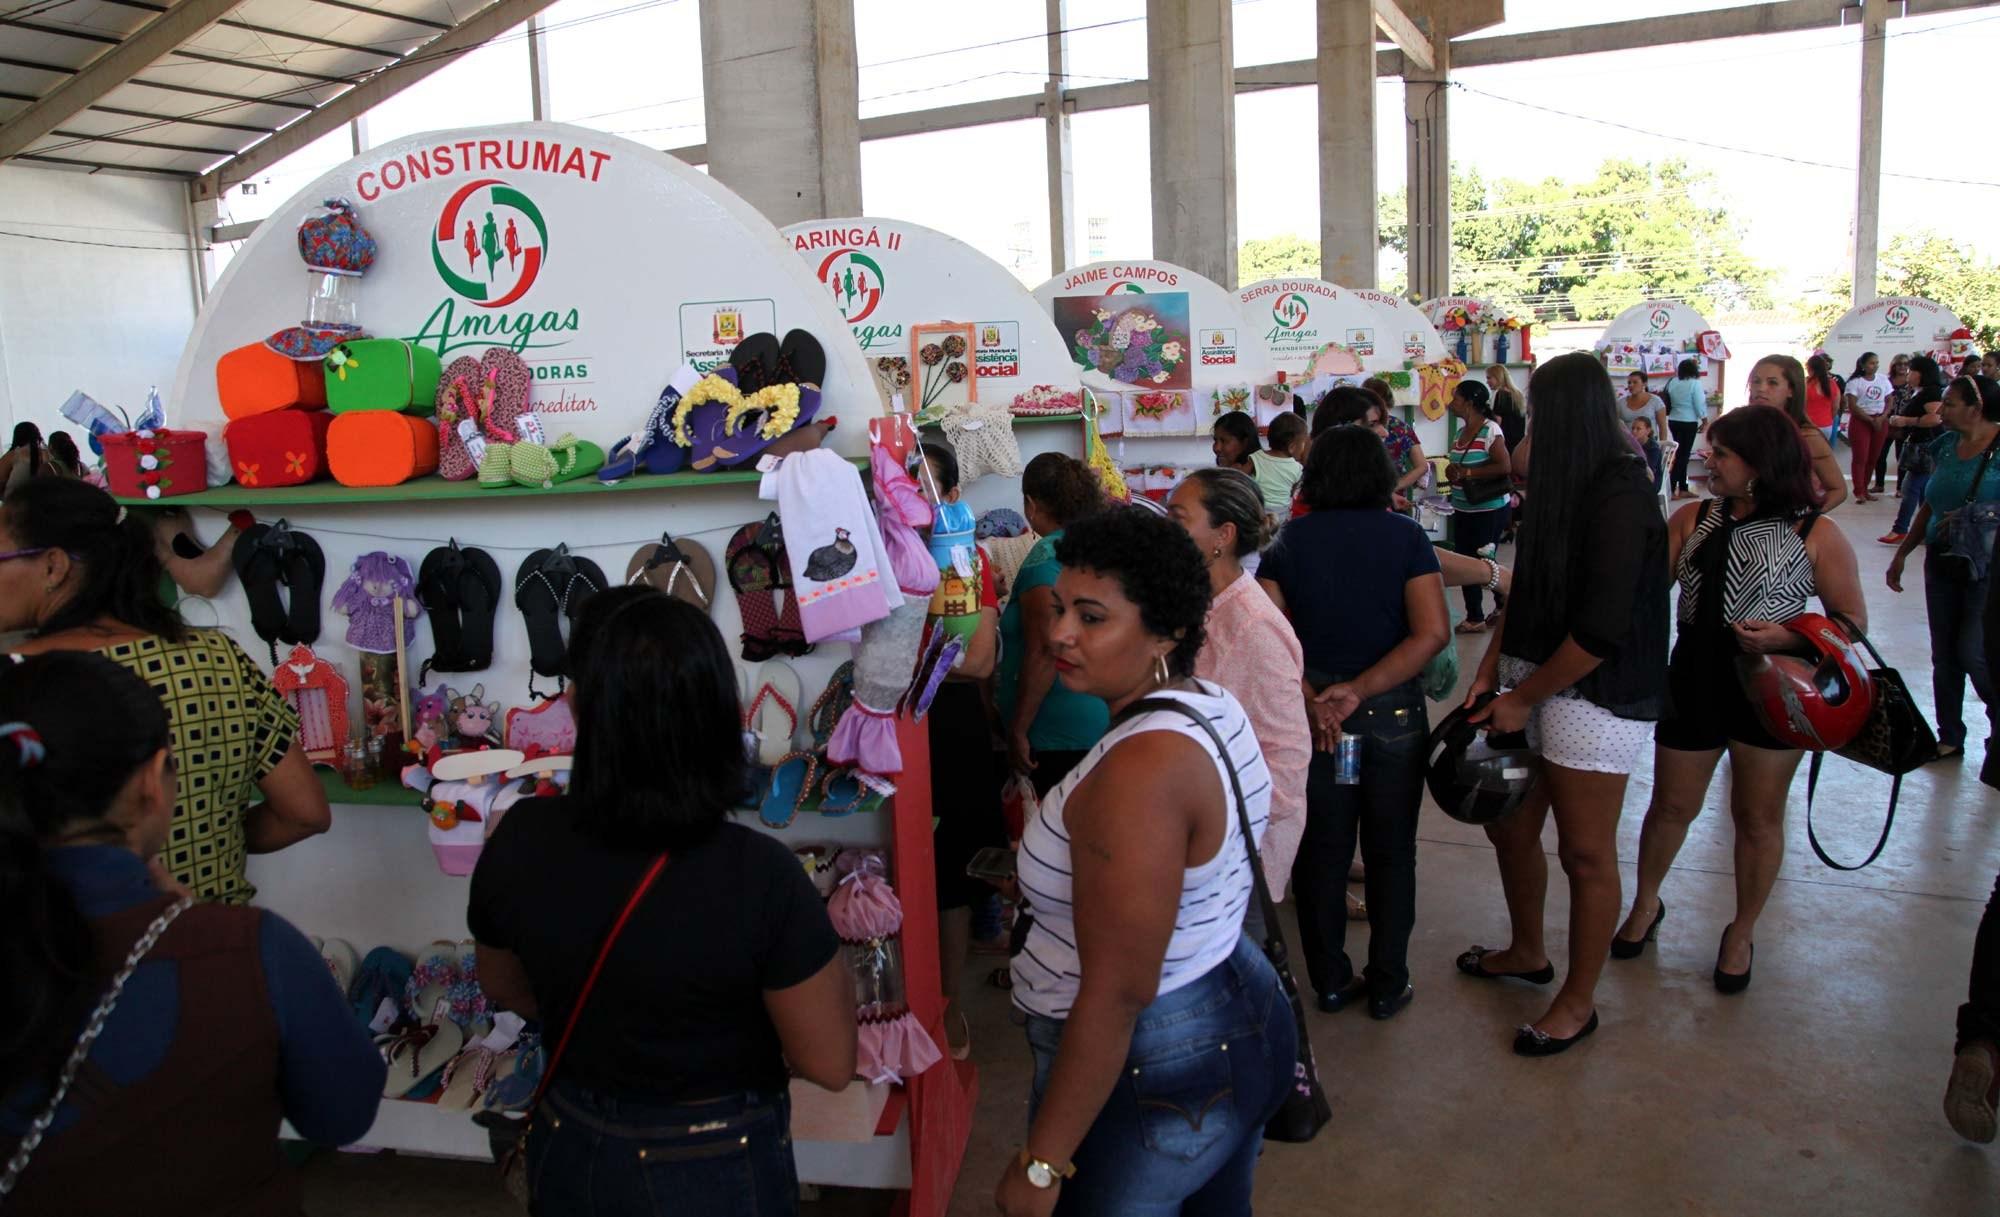 Várzea Grande: Assistência Social encerra ciclo de capacitação e certifica 1.125 mulheres para o empreendedorismo